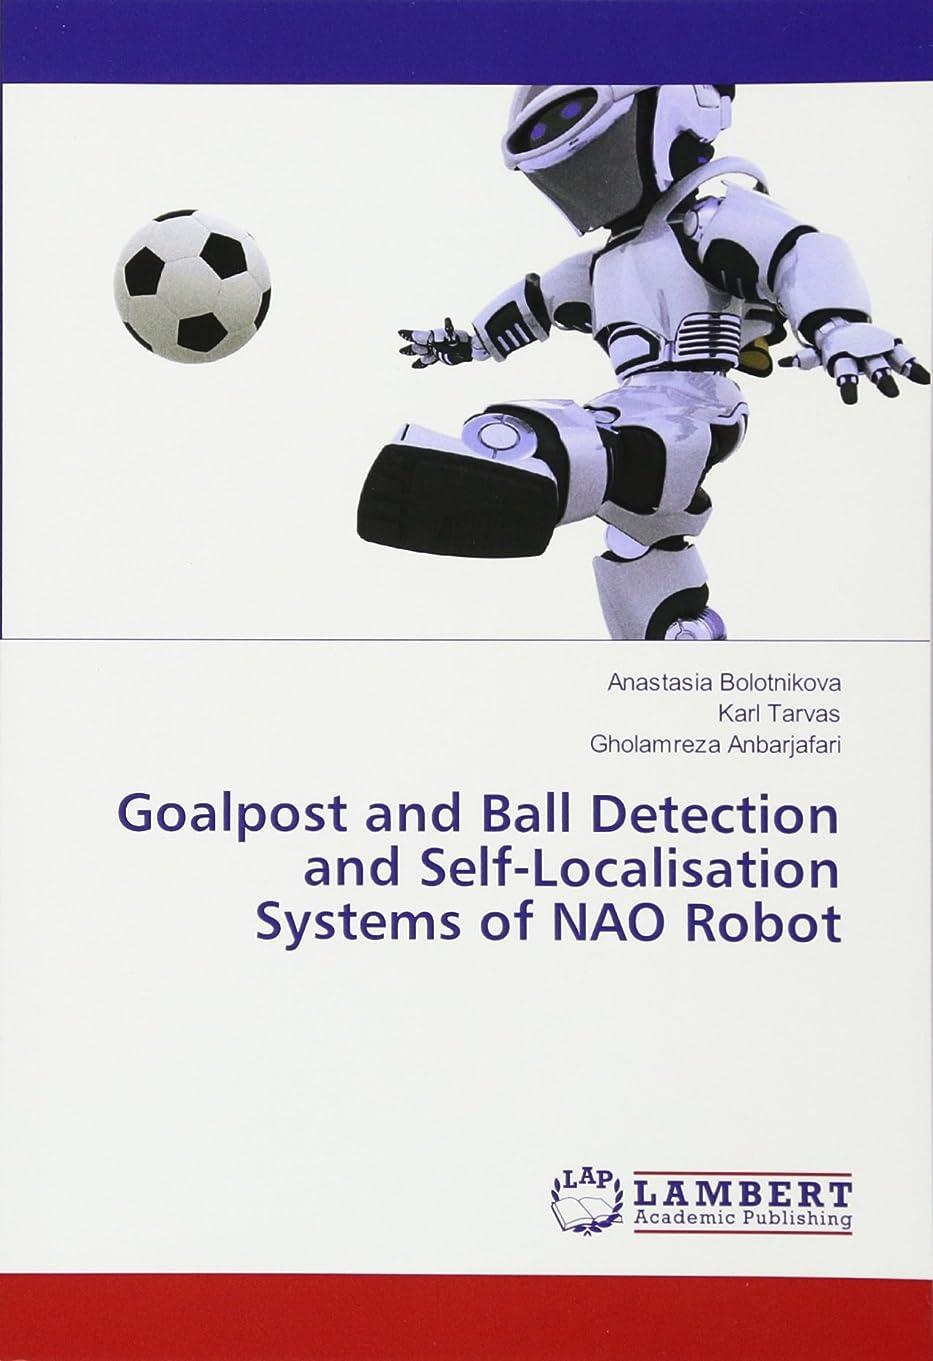 広告細断脊椎Goalpost and Ball Detection and Self-Localisation Systems of NAO Robot